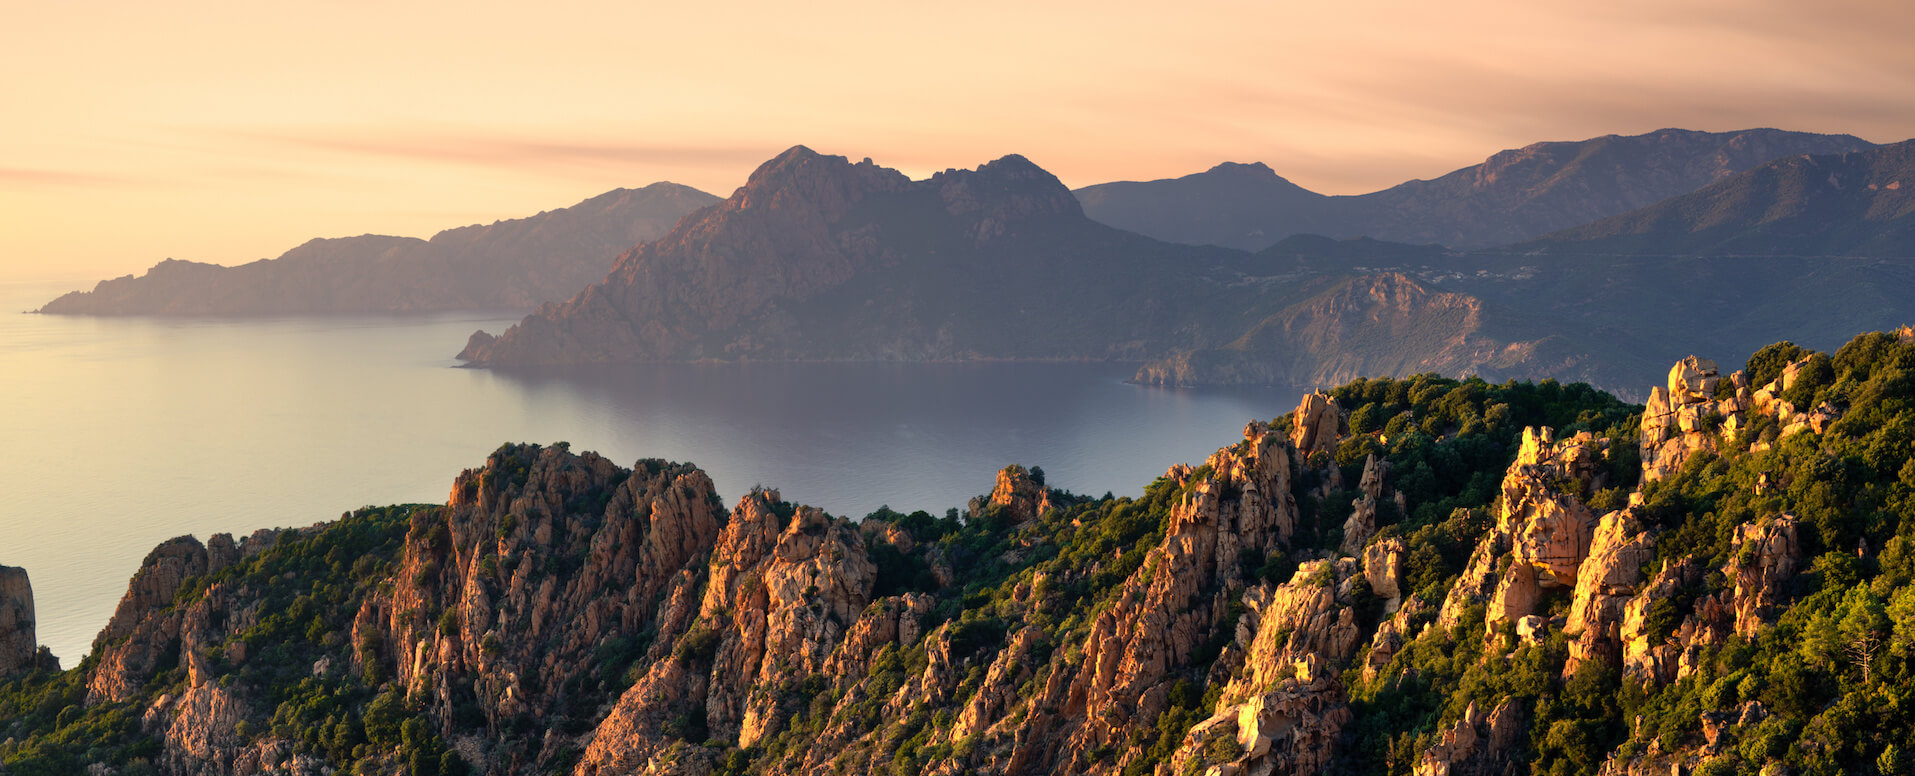 Découvrez les dates clés de l'histoire de Corse - Corse